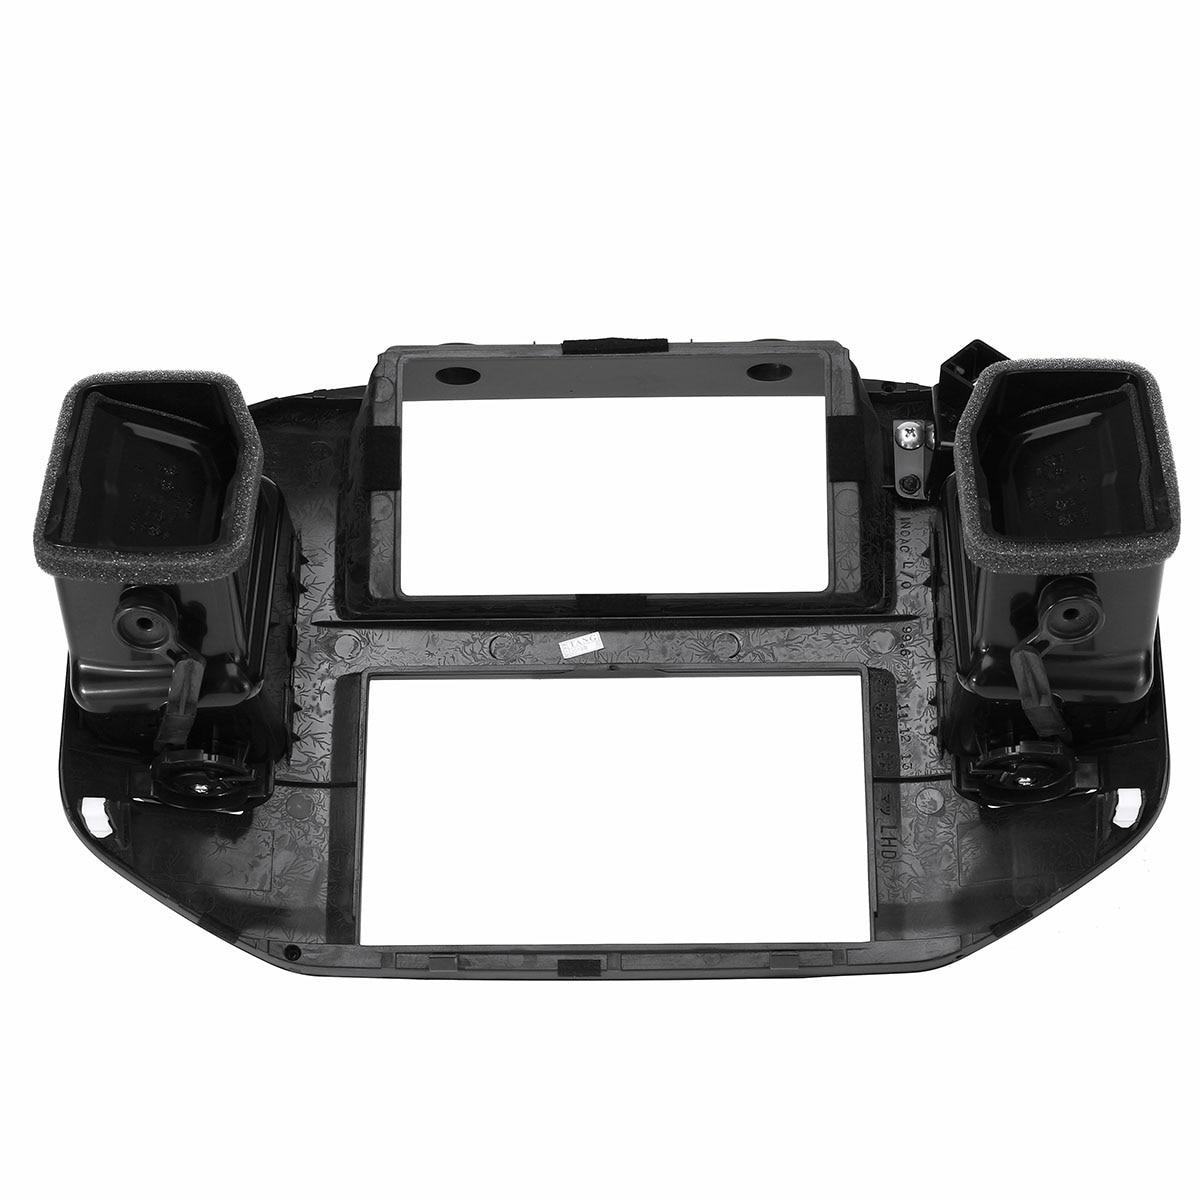 Новинка, 1 шт., Черная передняя панель, вентиляционное отверстие, Выходная панель для Mitsubishi Pajero Montero Shogun MK3 2001 2006 - 3